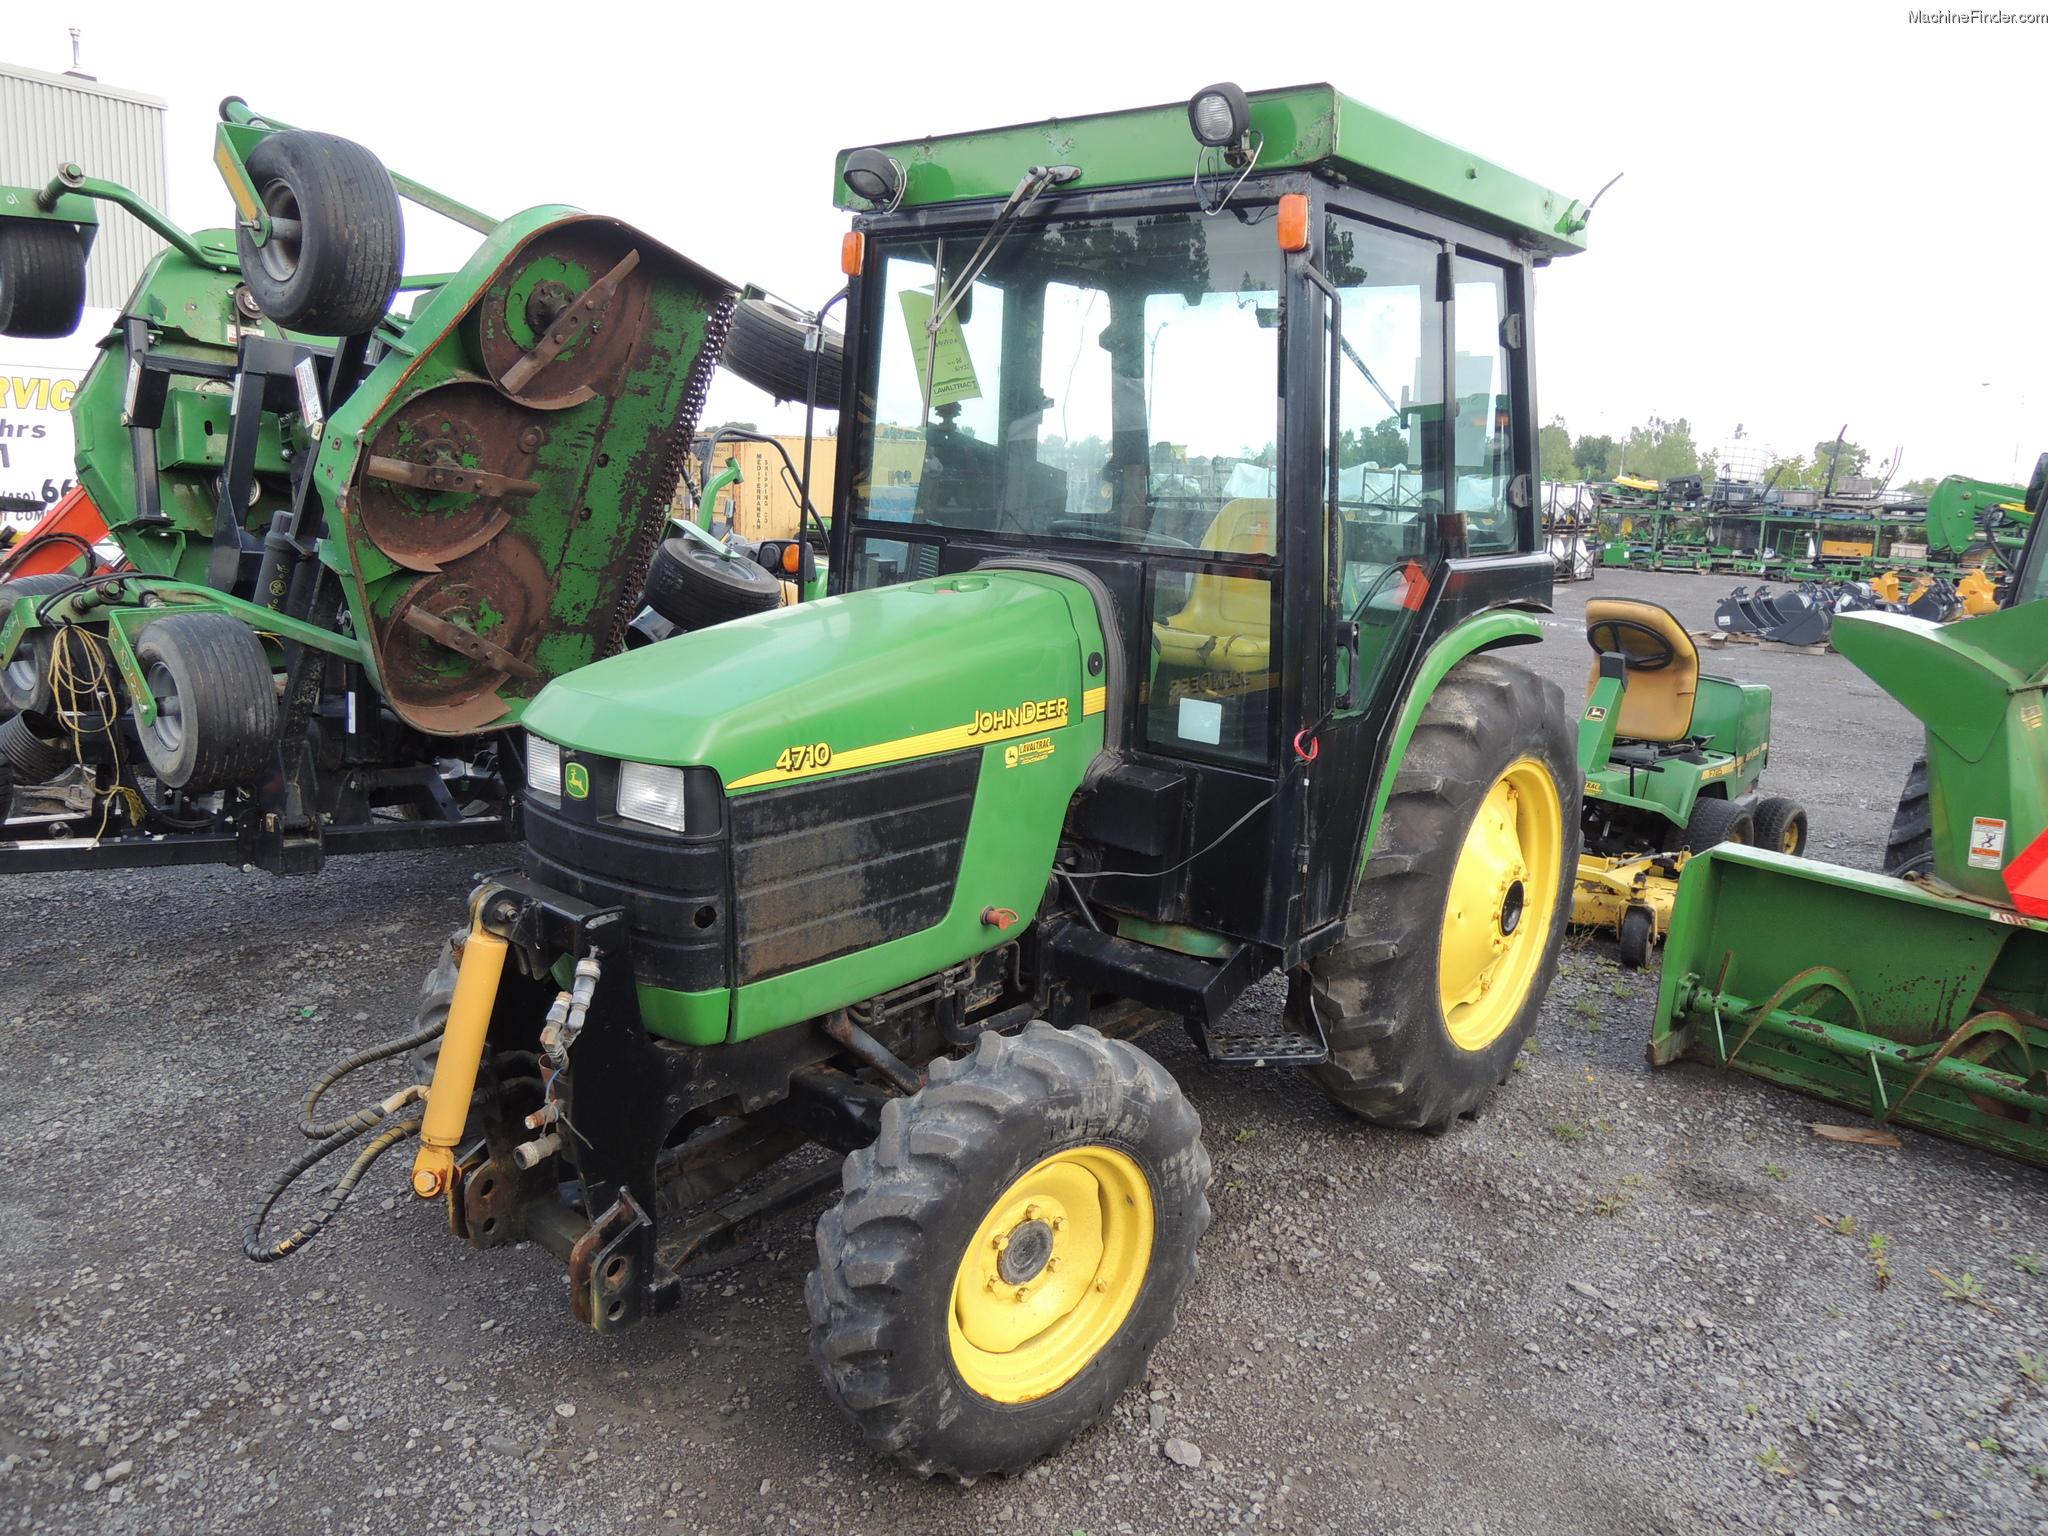 2002 John Deere 4710 Tractors - Compact (1-40hp.) - John Deere ...